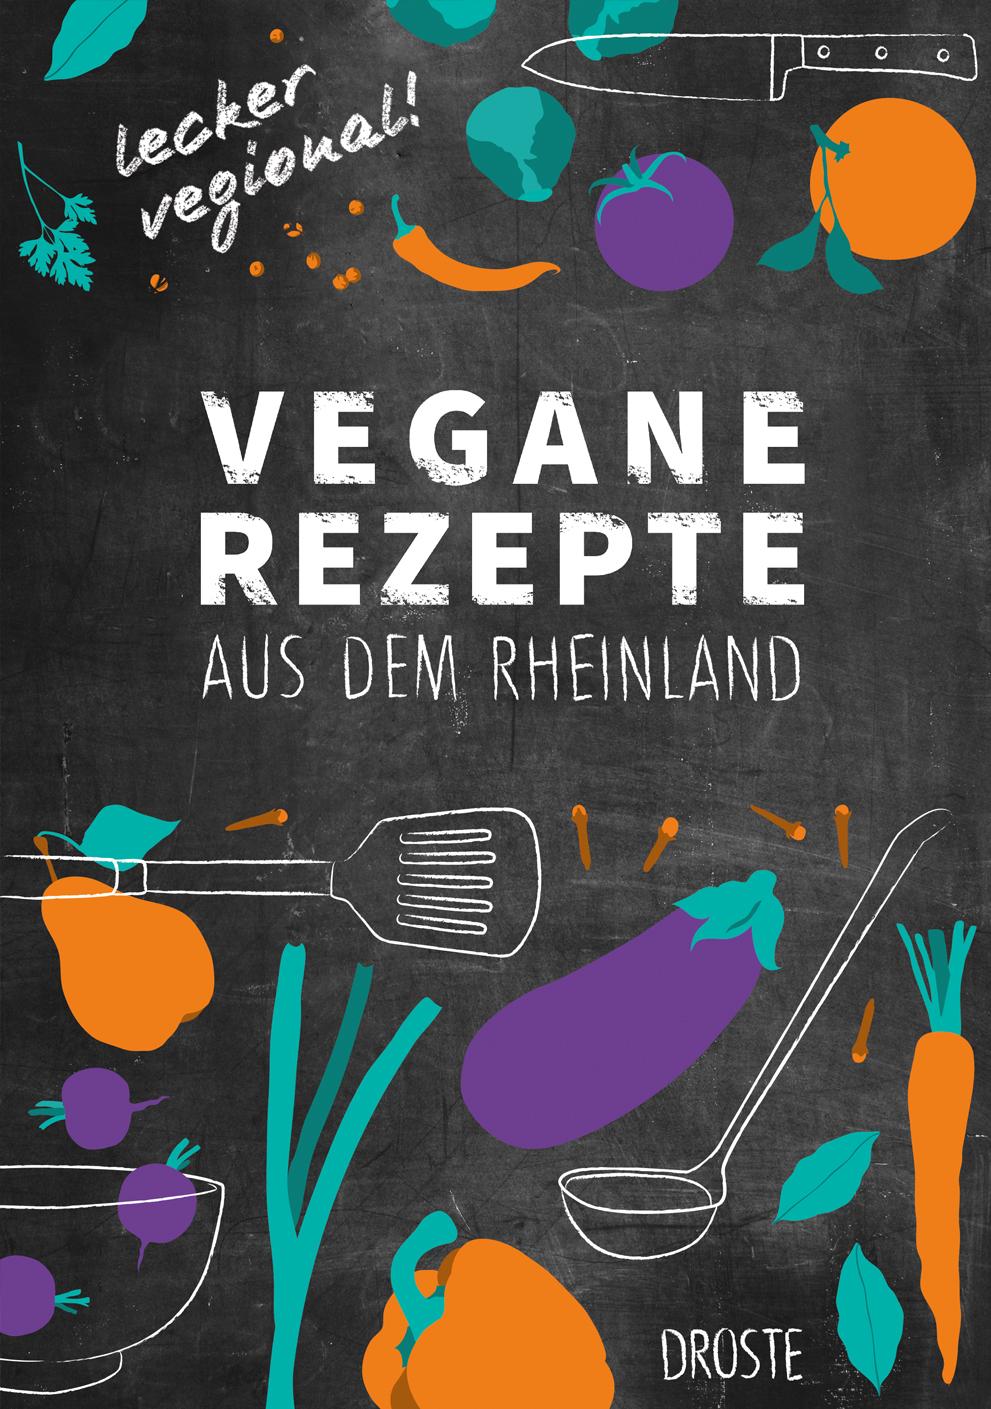 Vegane Rezepte aus dem Rheinland, Sabine Durdel-Hoffmann